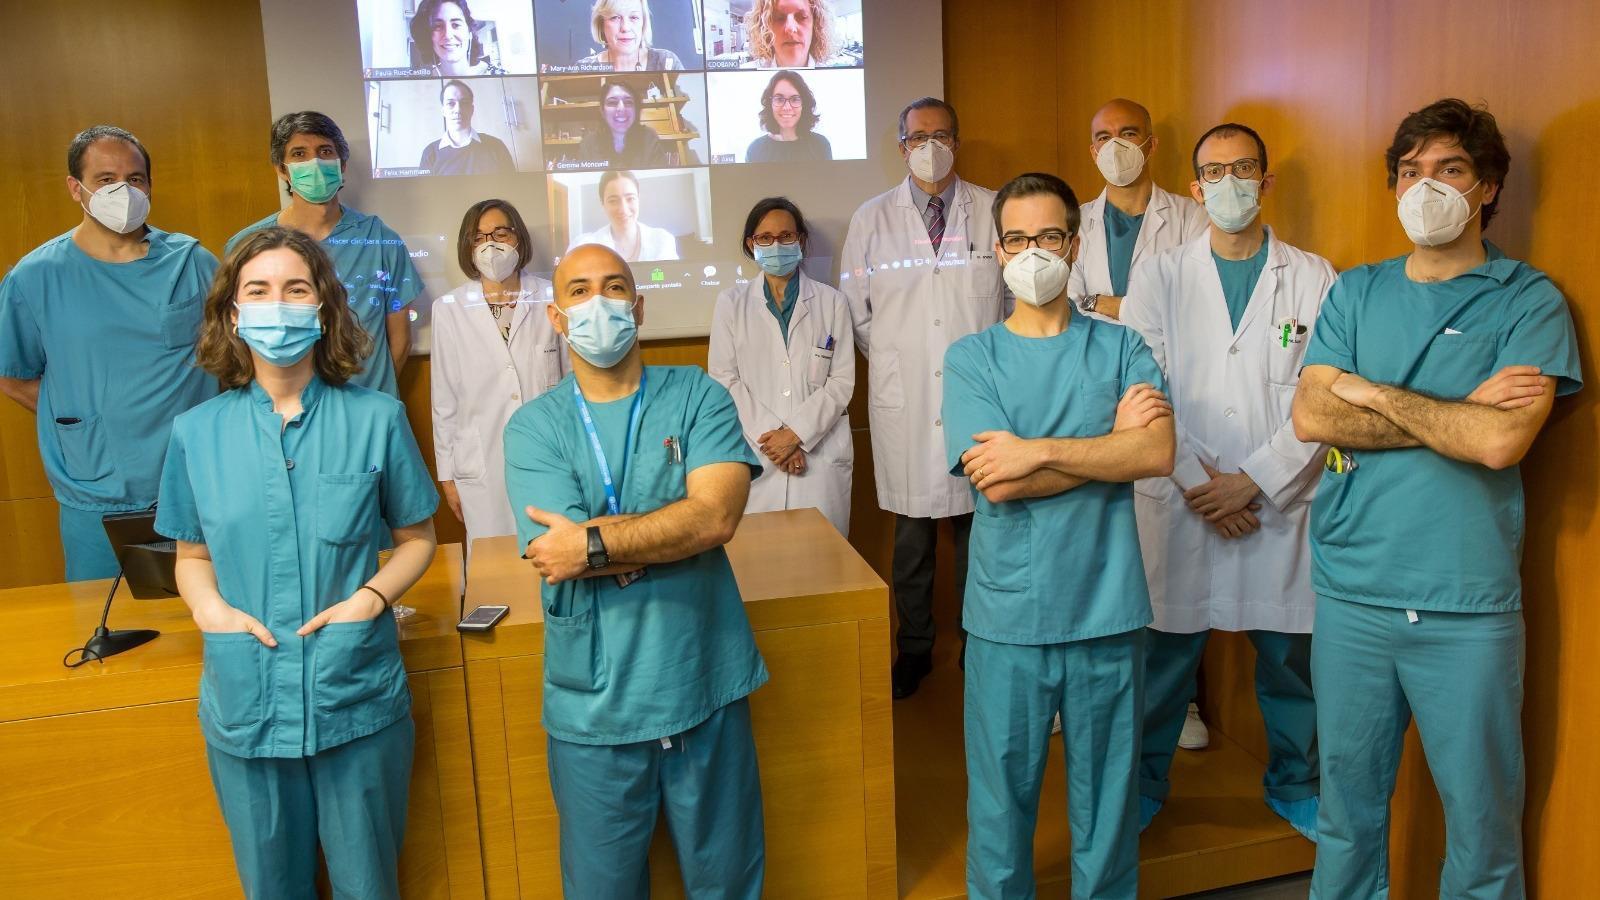 L'equip de la Clínica Universidad de Navarra i l'Institut de Salut Global de Barcelona que provarà si la ivermectina disminueix la transmissió del coronavirus